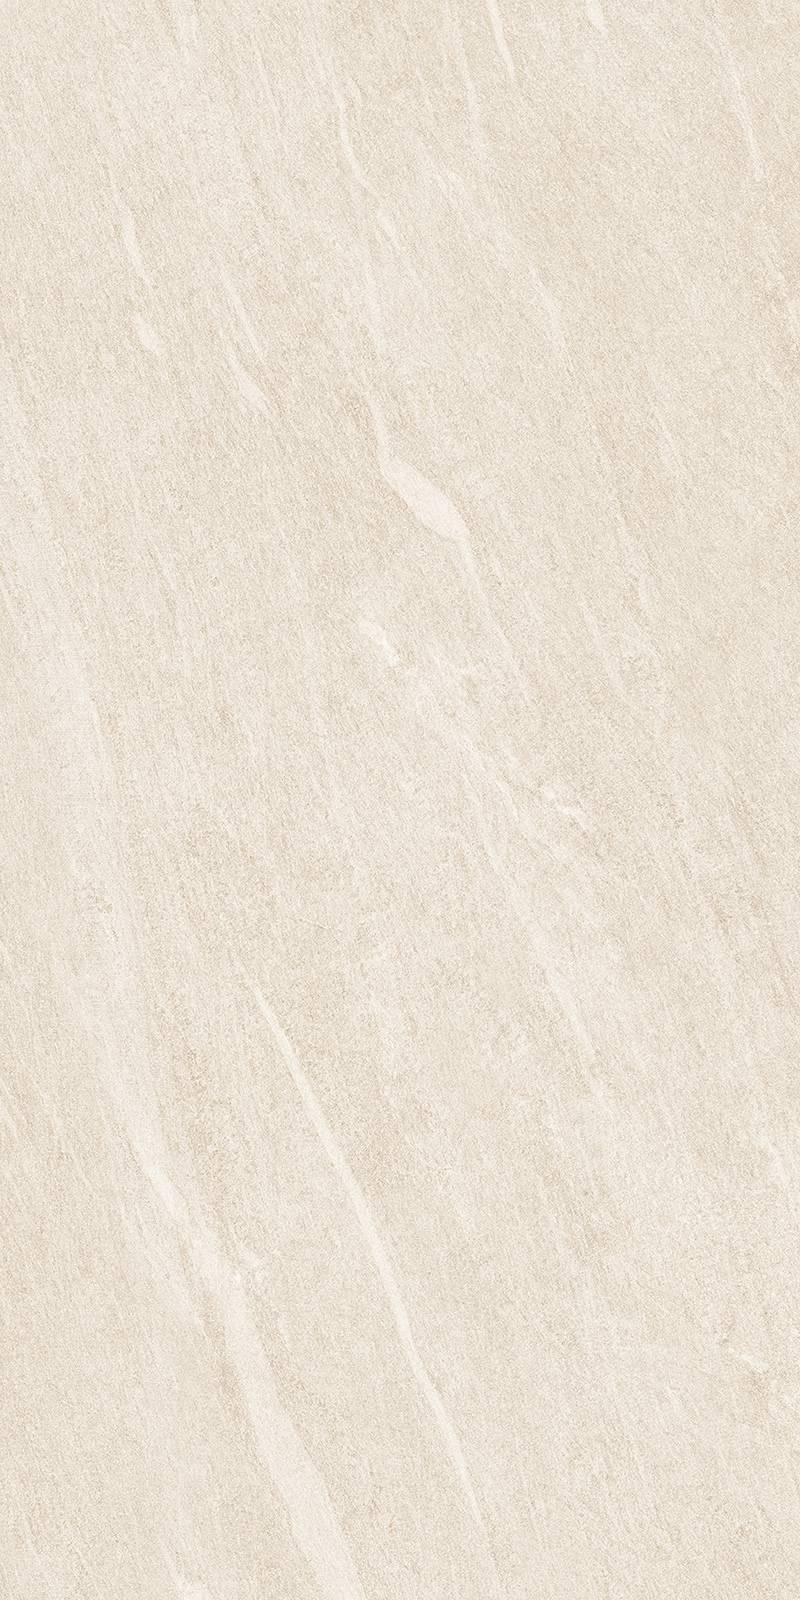 CFG12006米白砂岩